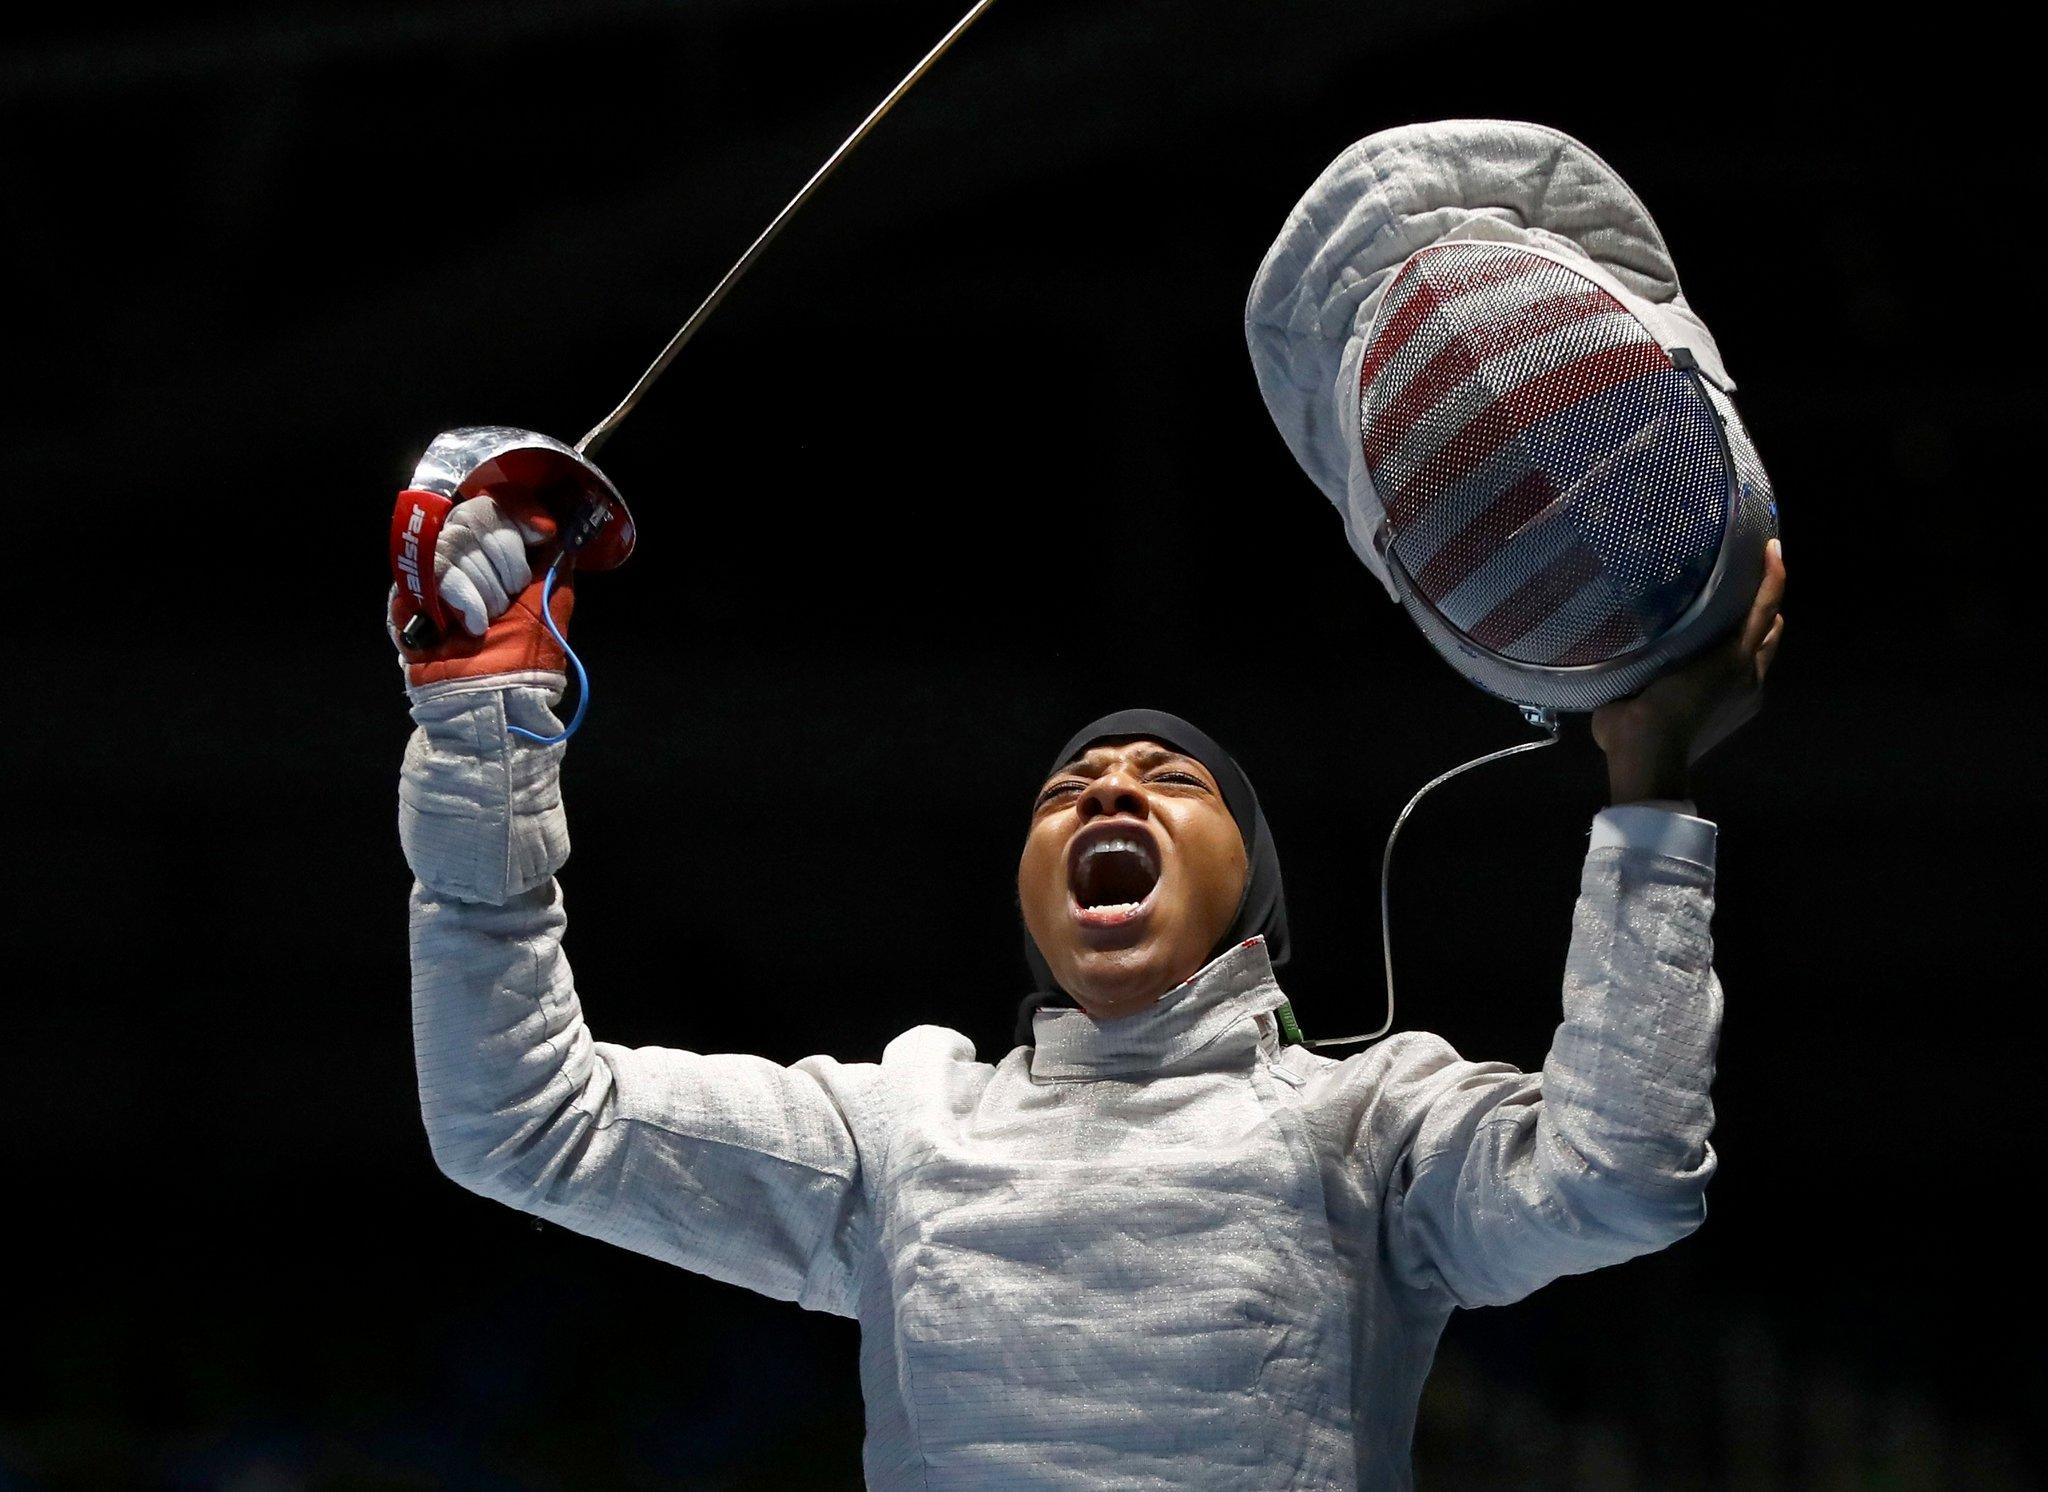 5 چهره ویژه المپیک توکیو از ابتهاج محمد تا یک شناگر پناهنده سوری